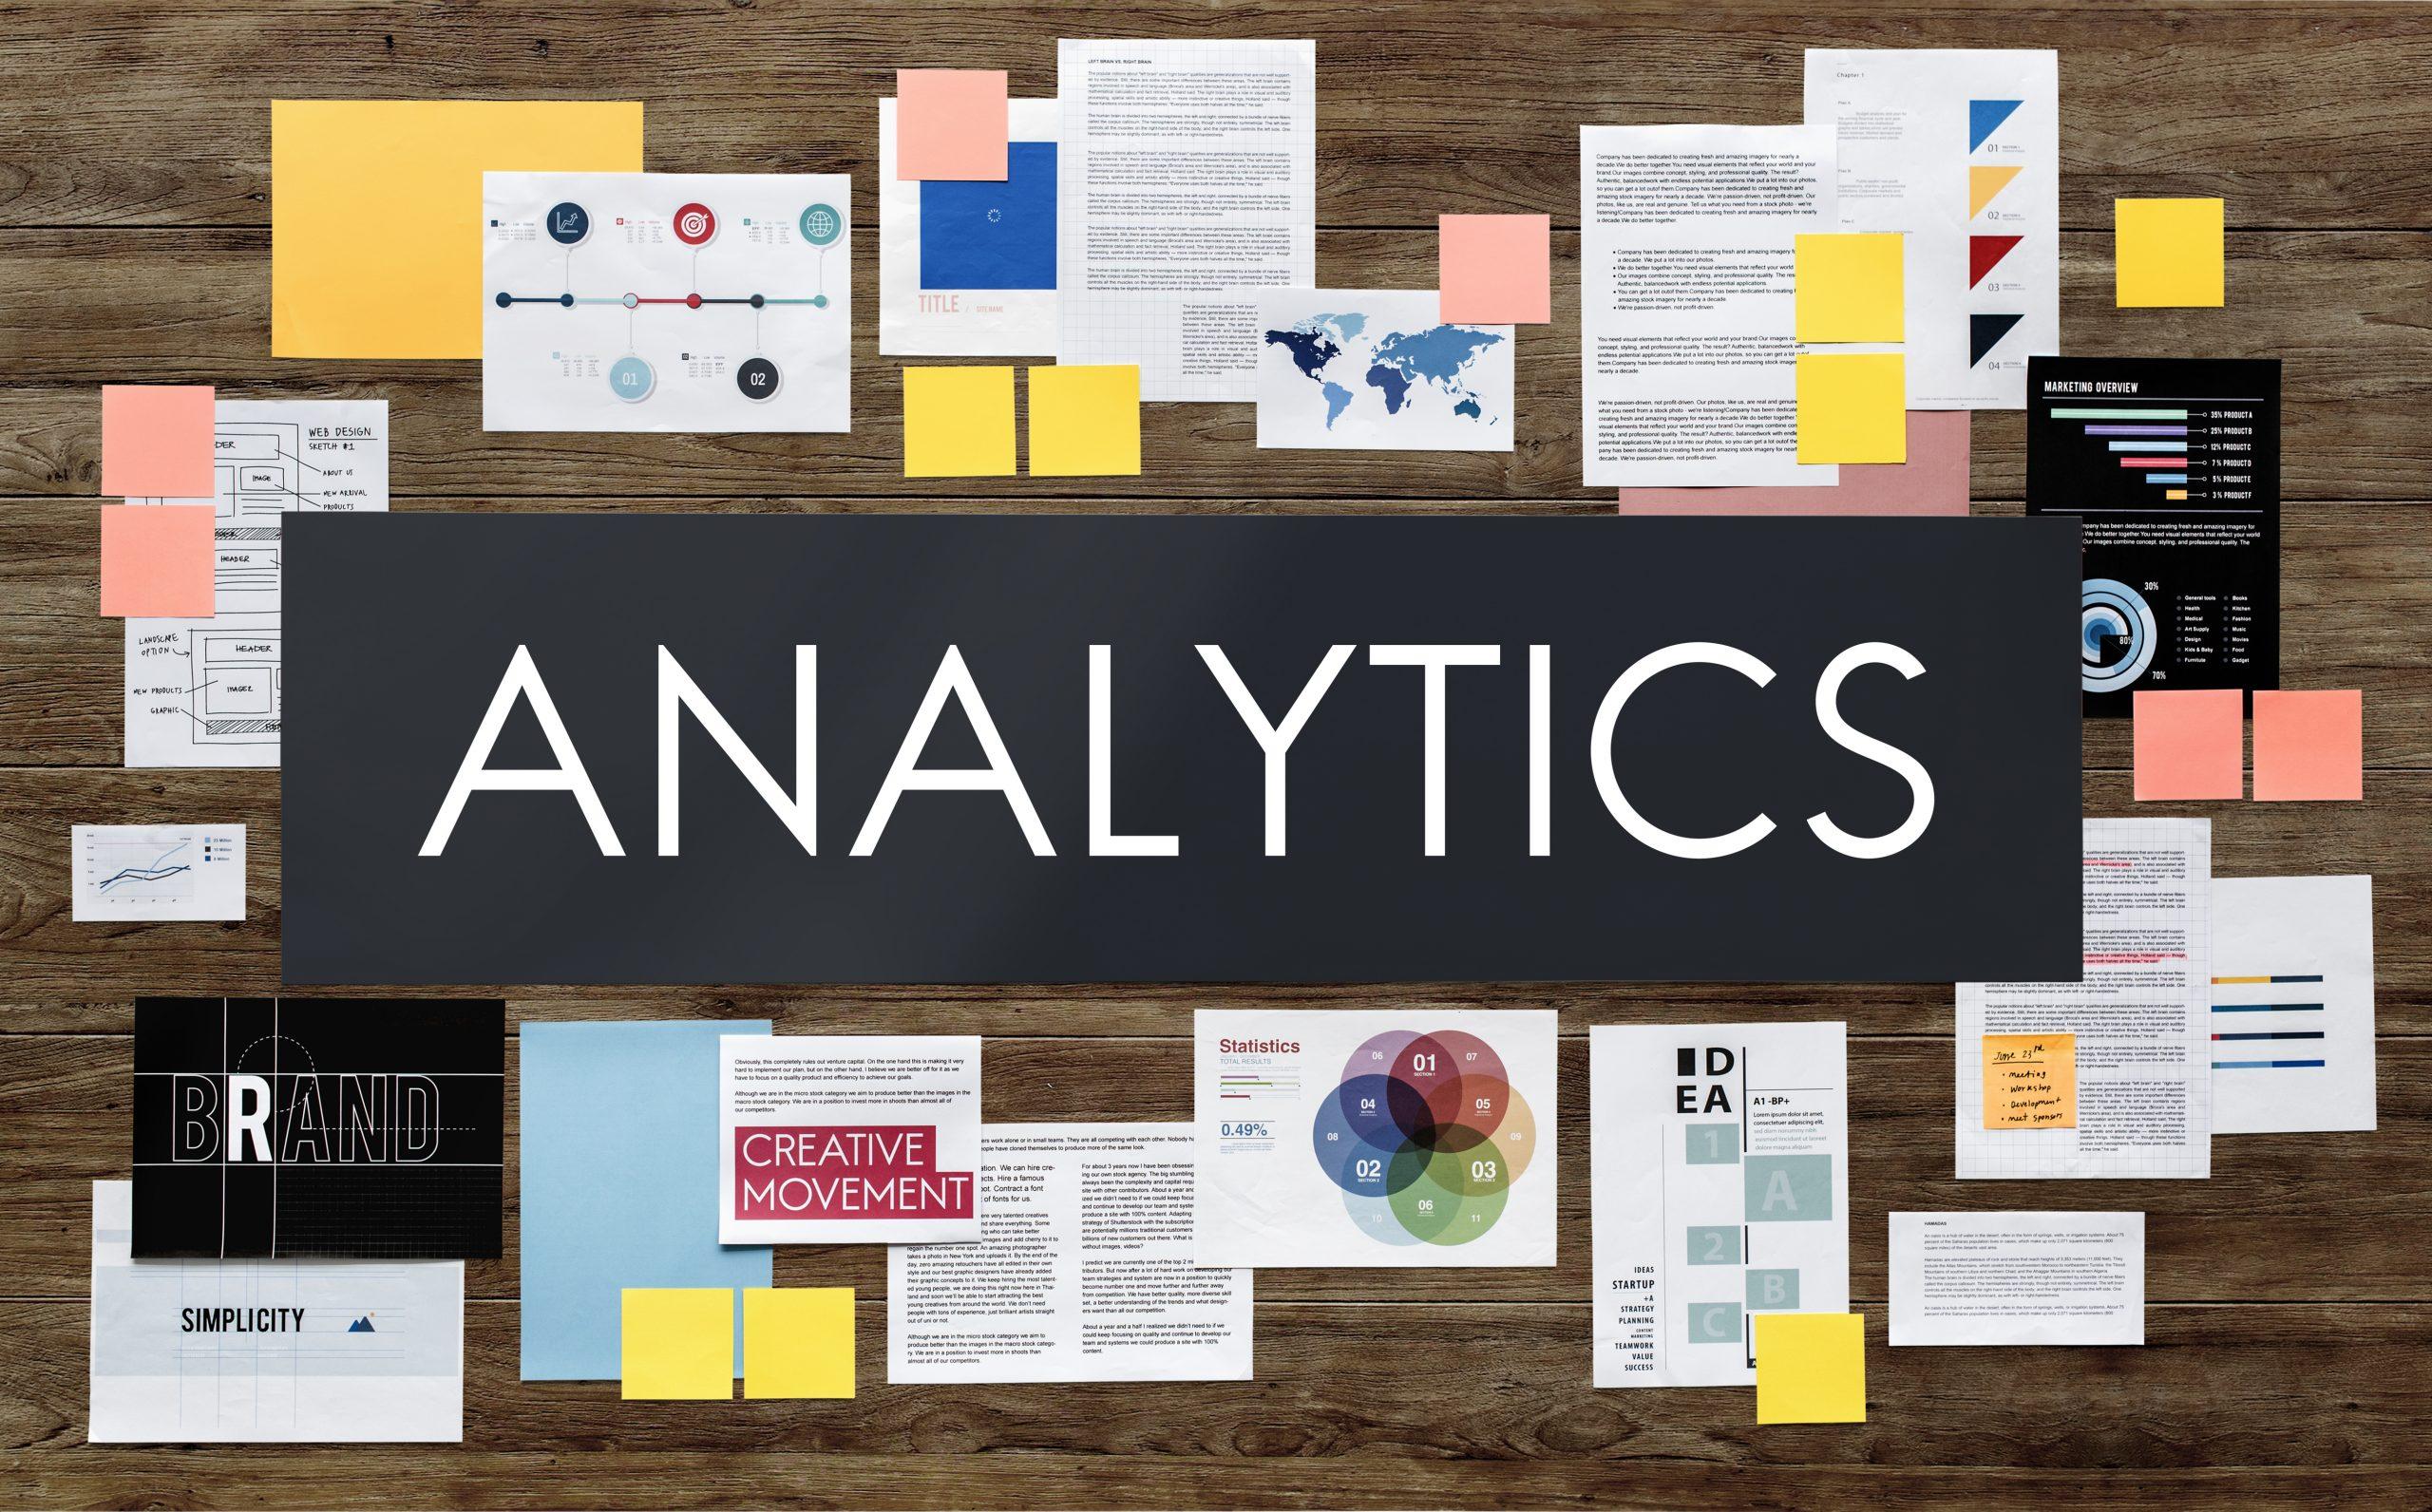 Top 5 Google Analytics Metrics to Track